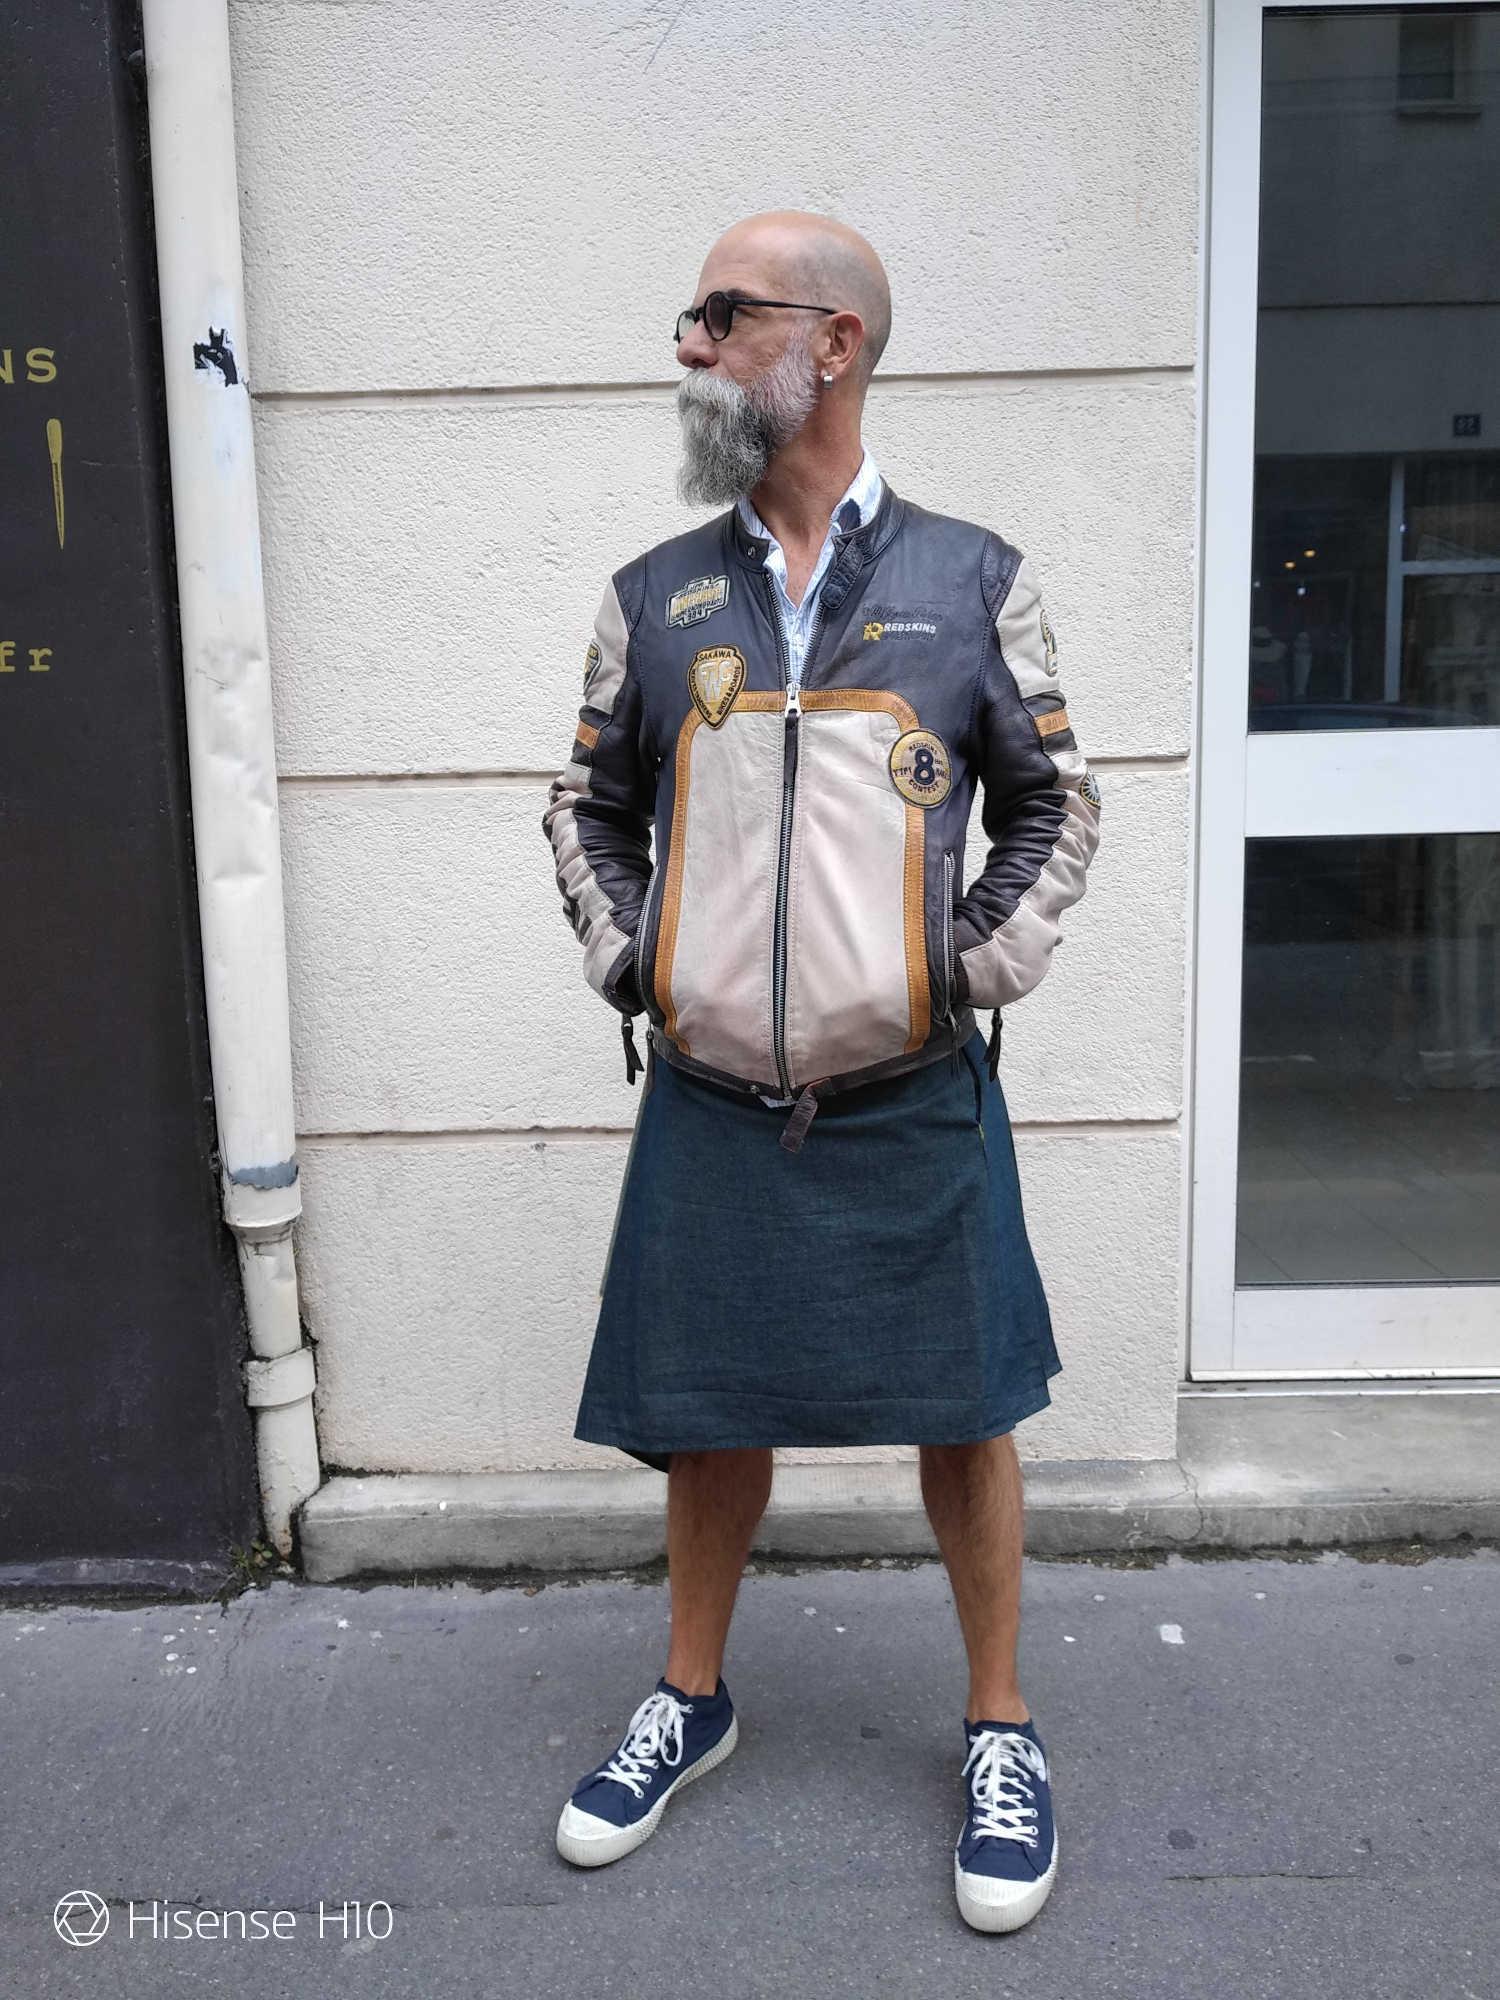 Galerie d'image - Sous les jupes des hommes à L'Heureux Hasard